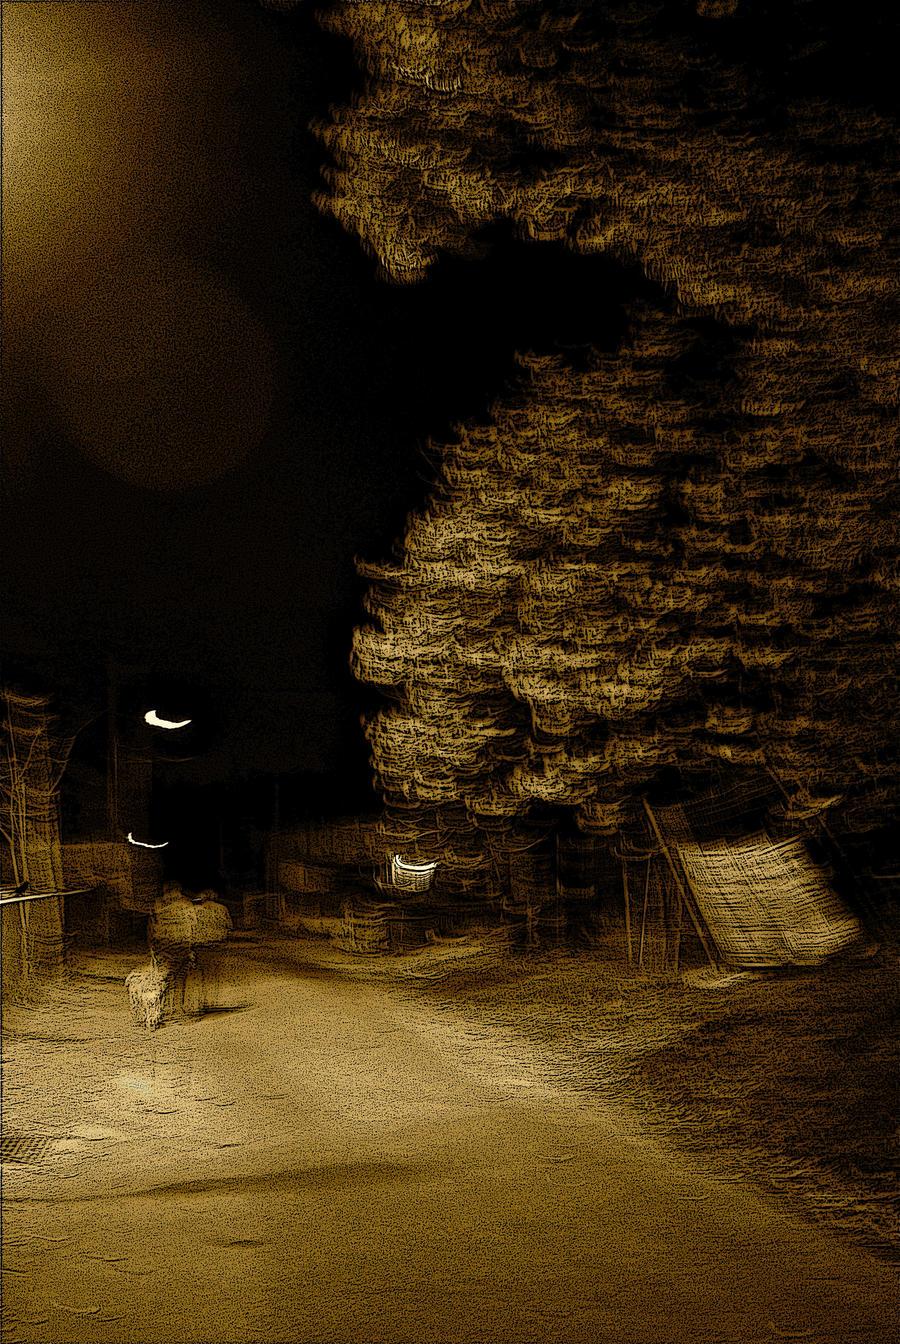 Night walk. by jennystokes